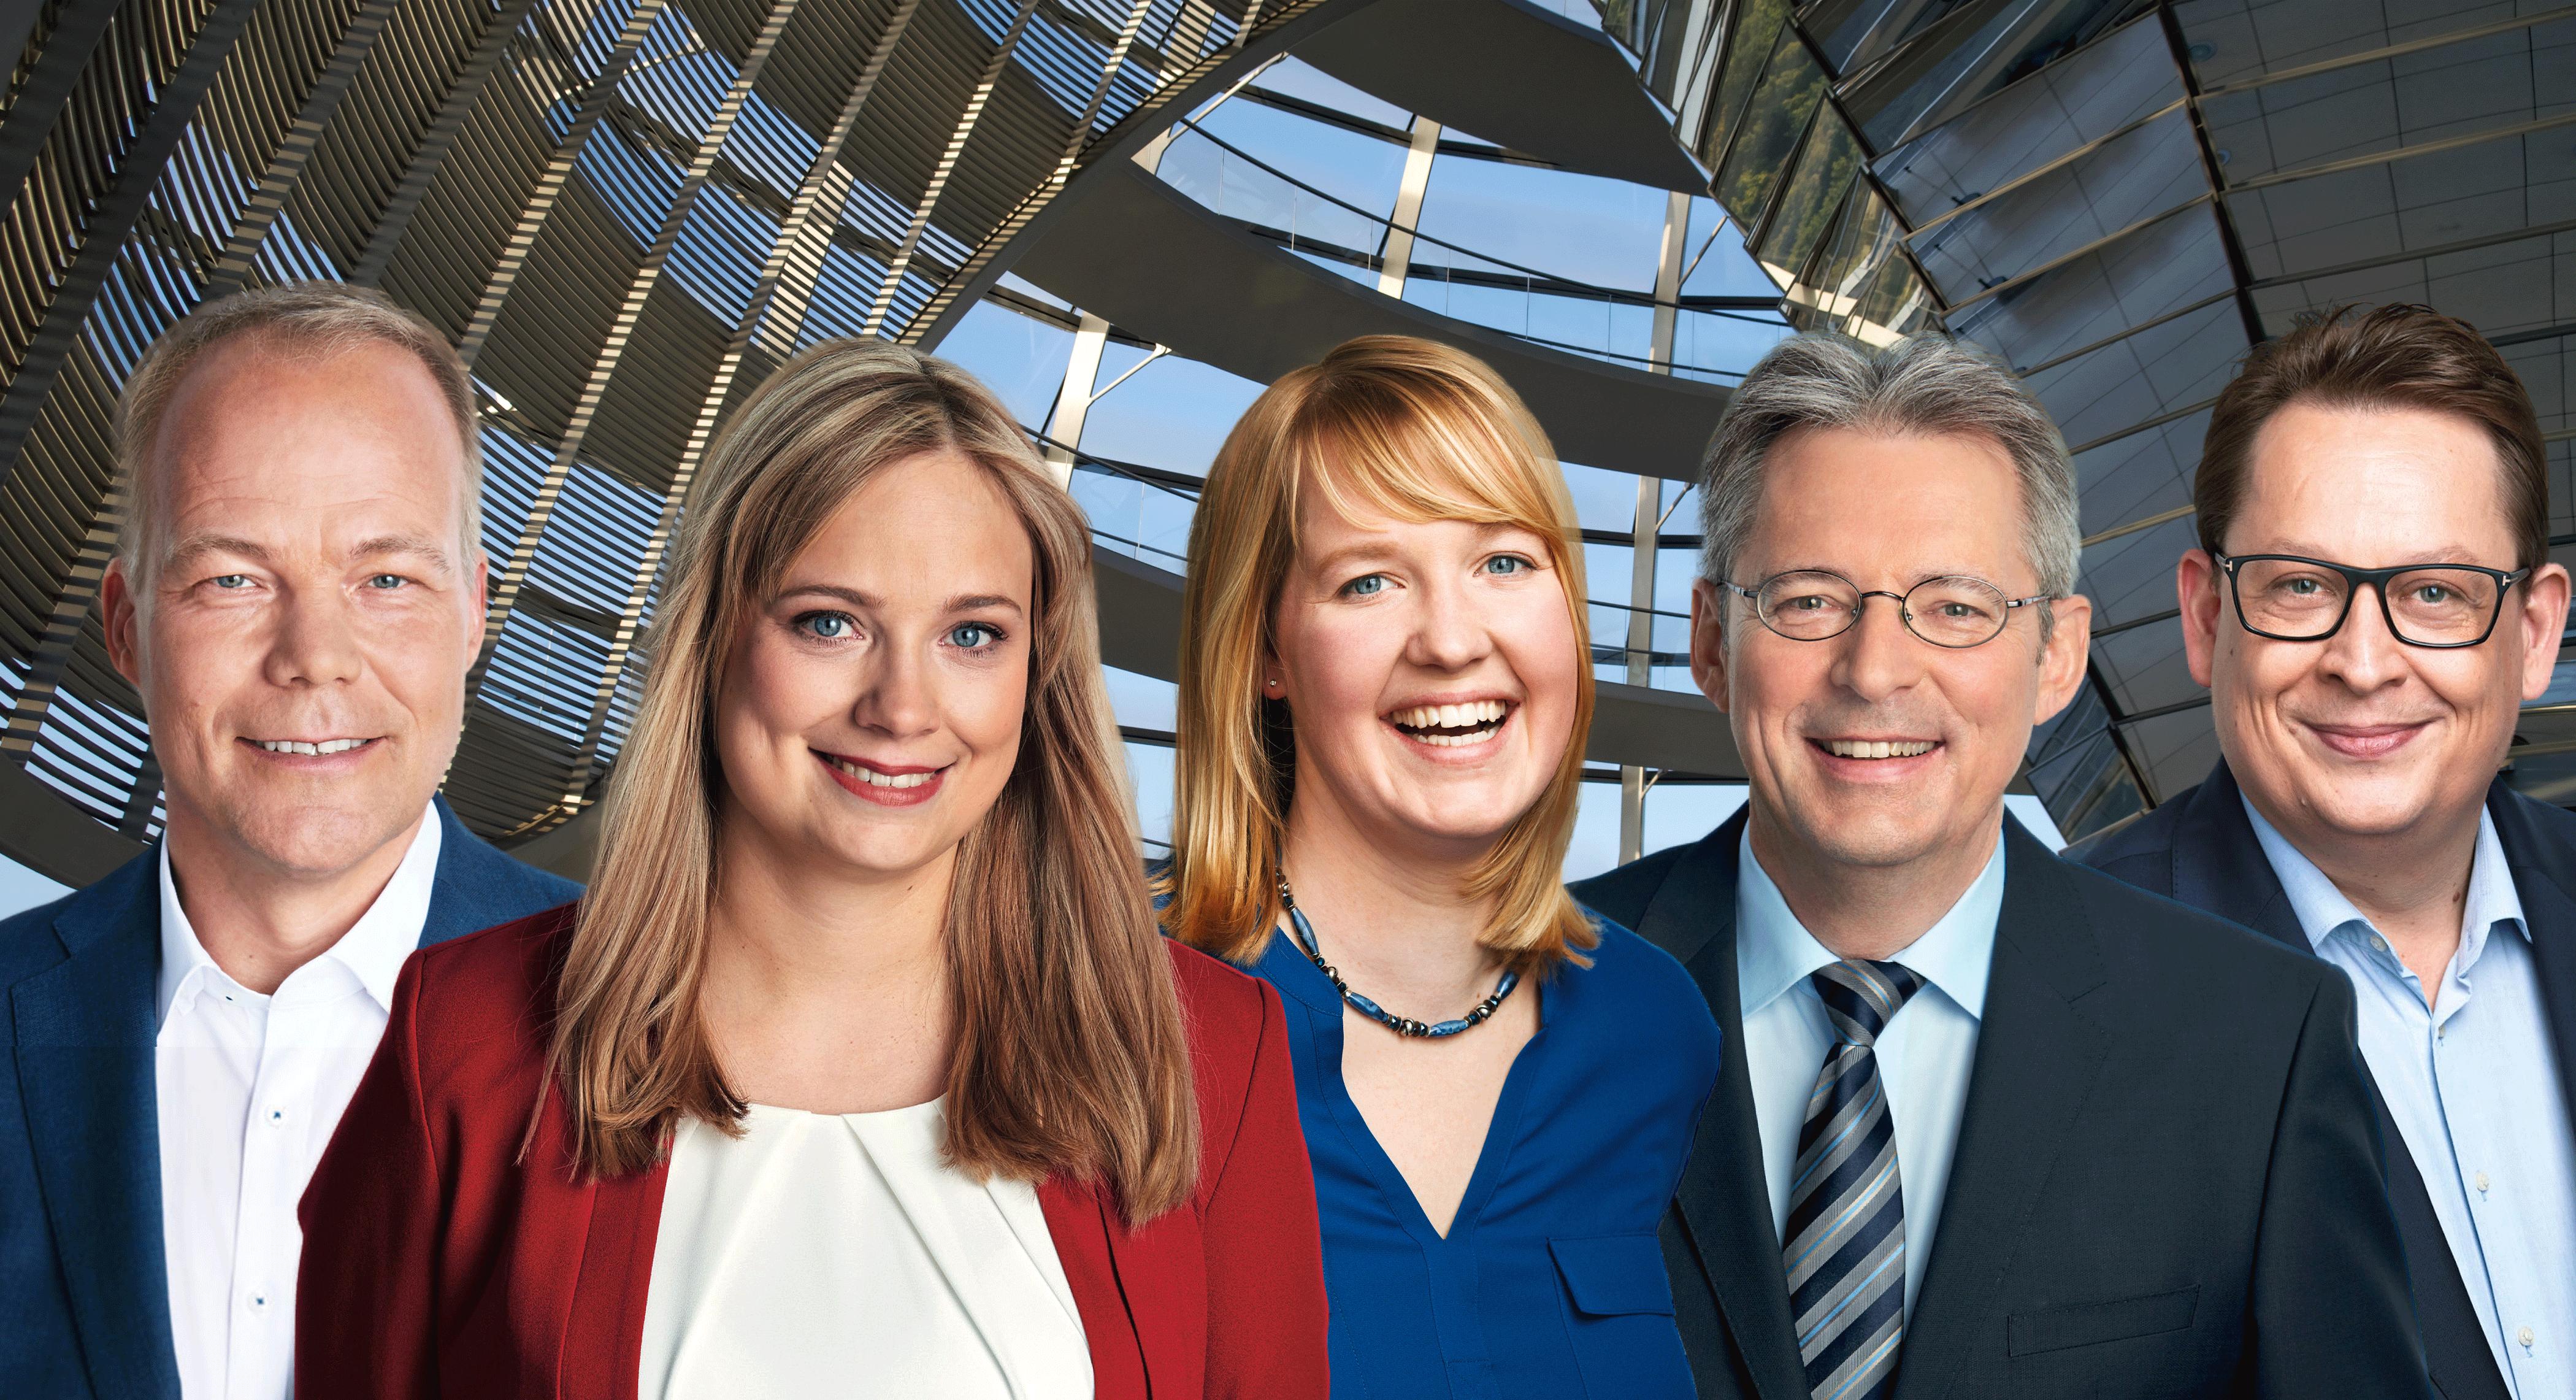 Fotocollage v.l. die SPD-Abgehordneten Dr. Matthias Miersch, Marja-Liisa Völlers, Dr. Wiebke Esdar, Achim Post, Stefan Schwartze